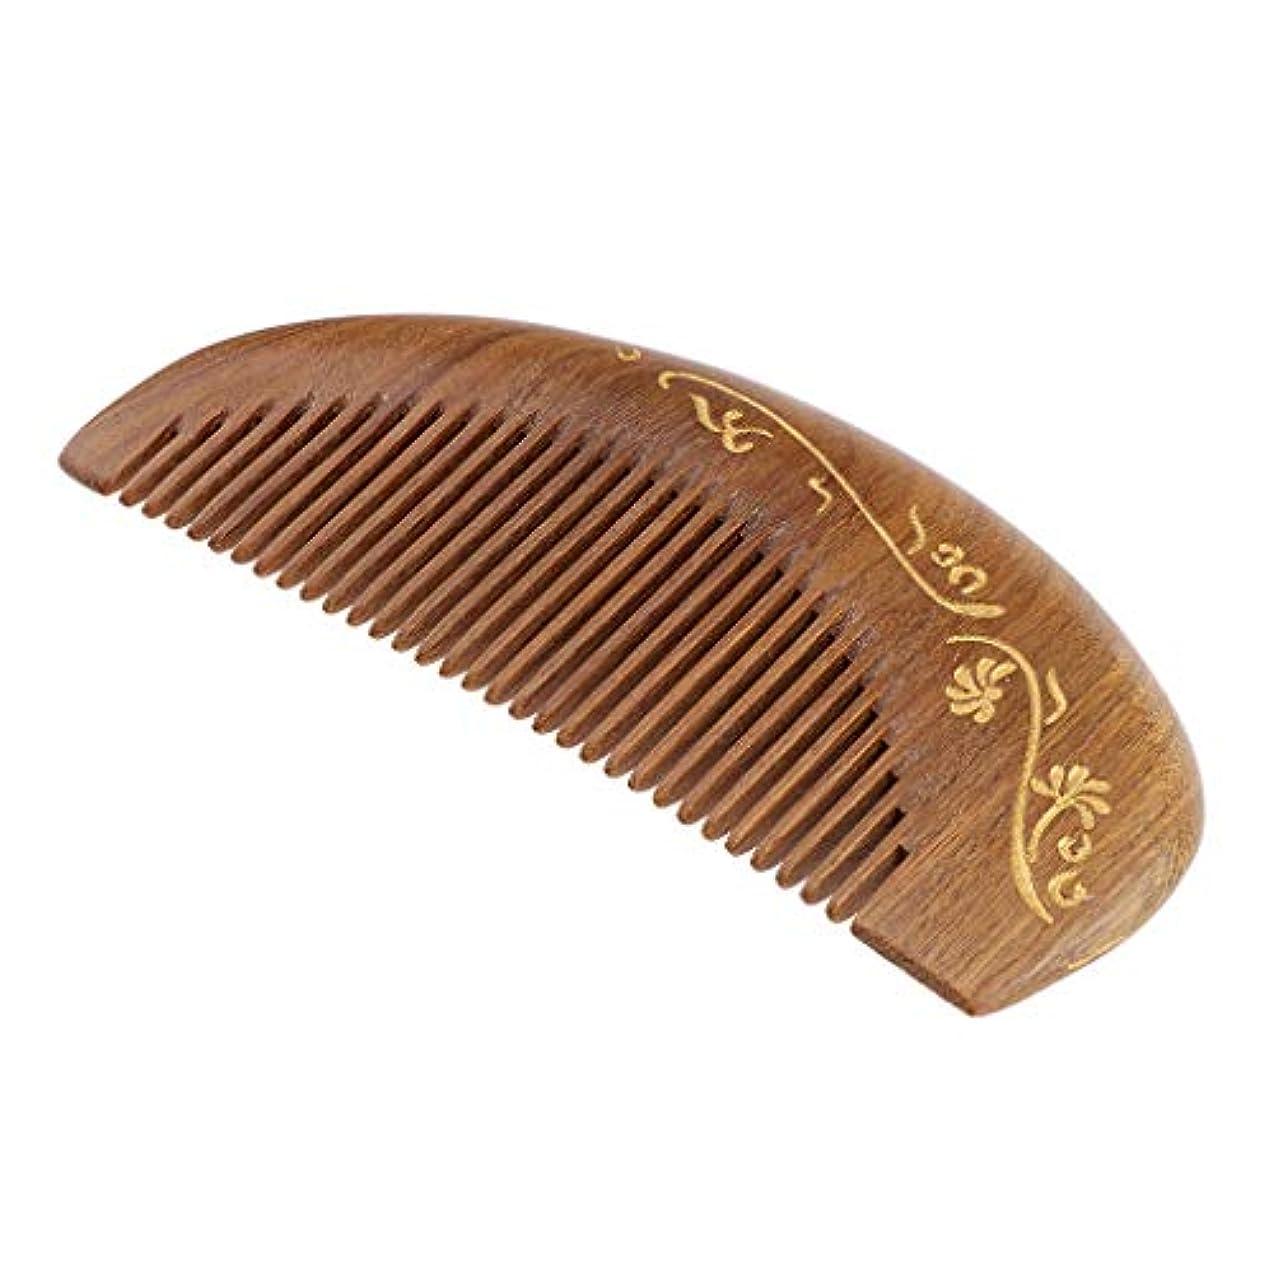 安価な正当化するビスケット帯電防止櫛 ウッドヘアーコーム 頭皮マッサージ 櫛 レトロ 4仕様選べ - #2